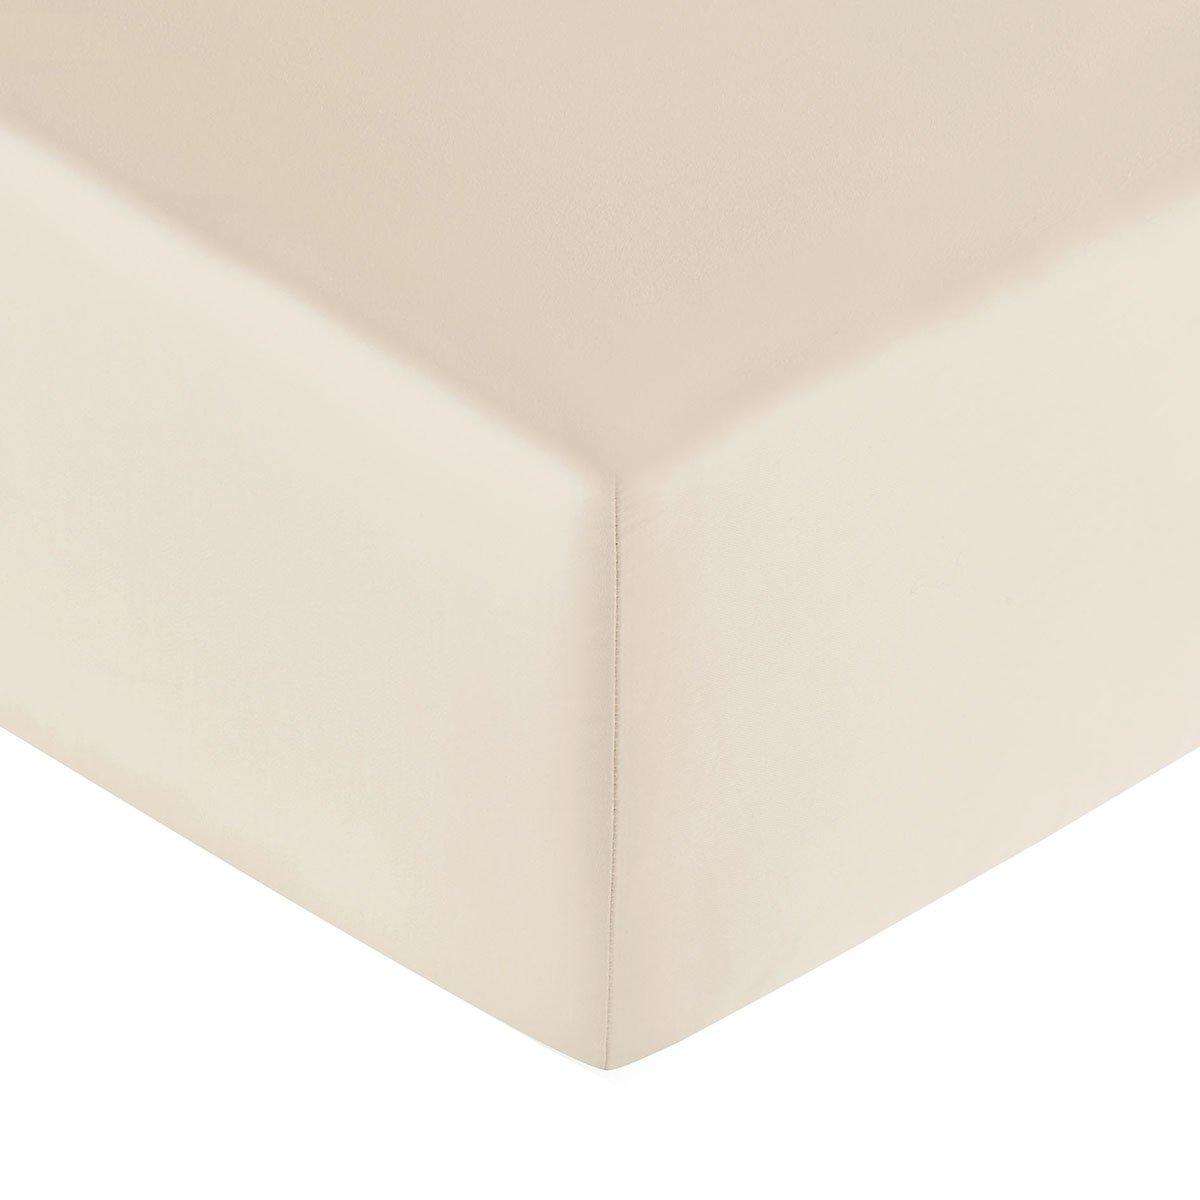 Drap housse coton 160x200 cm poudre